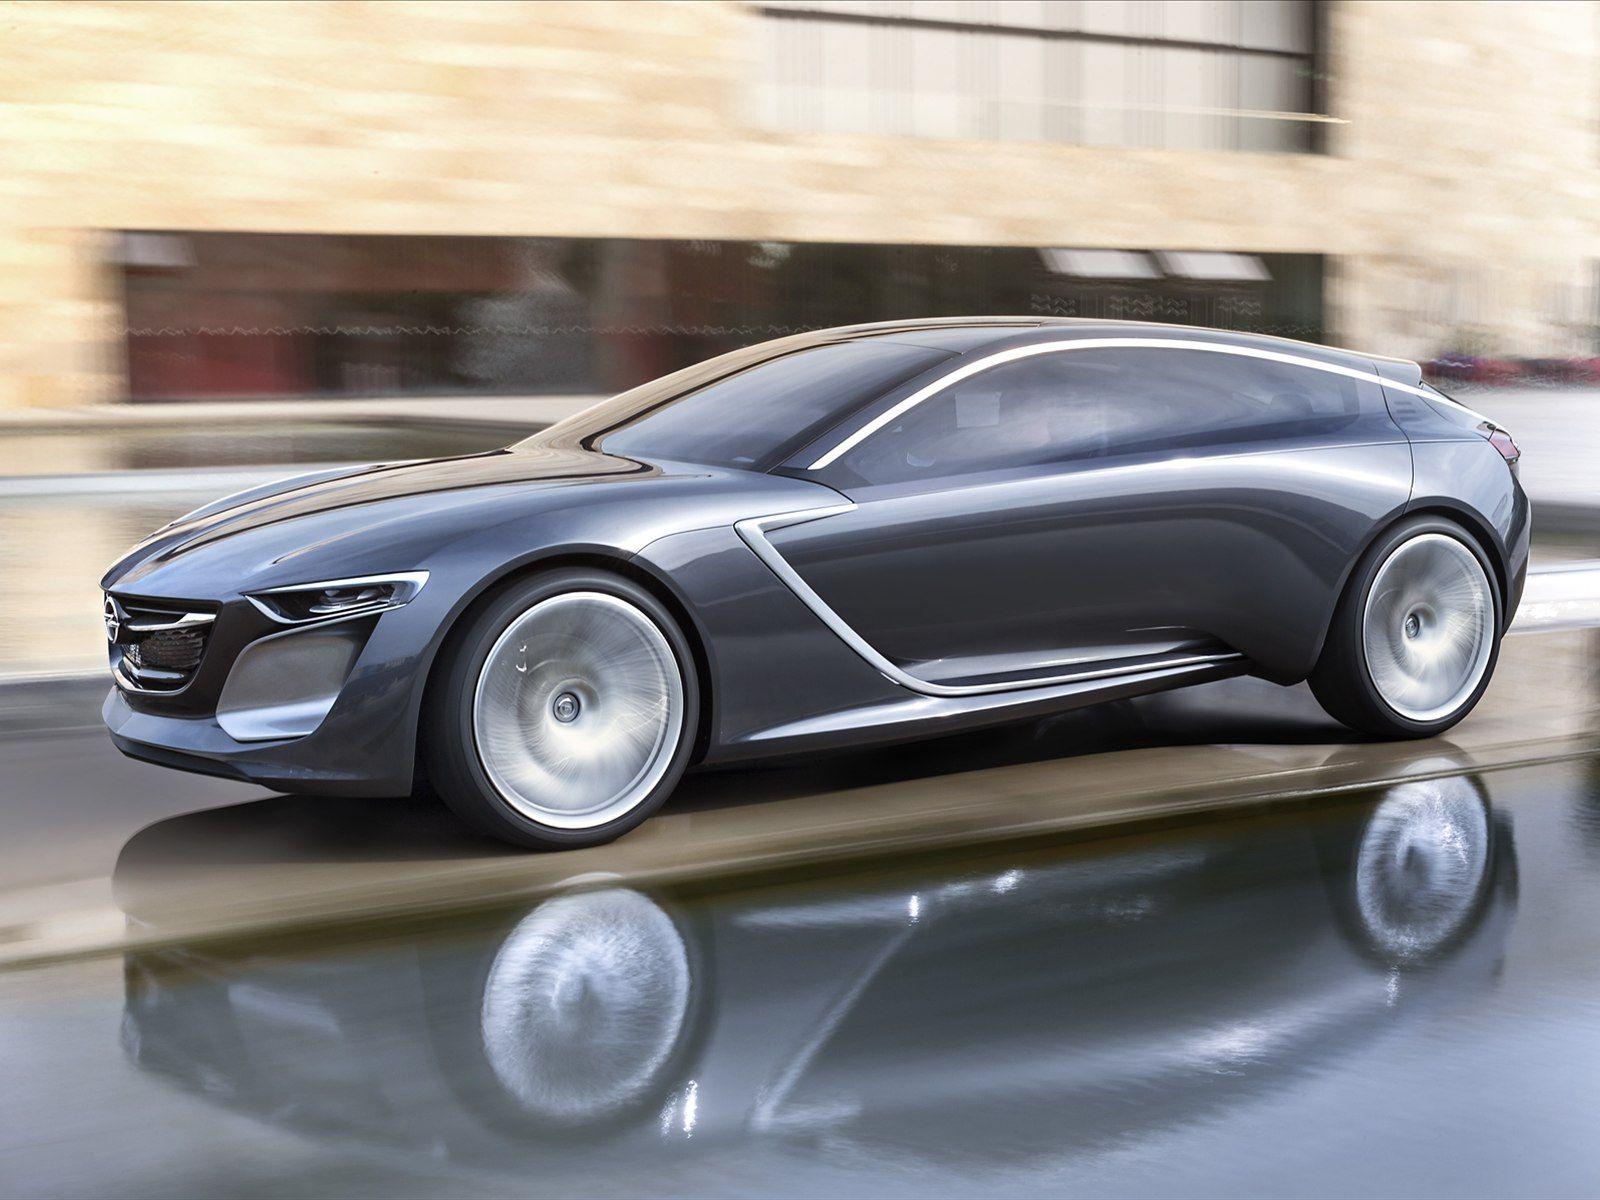 2013 Frankfurt Motor Show the German Opel Monza Concept.